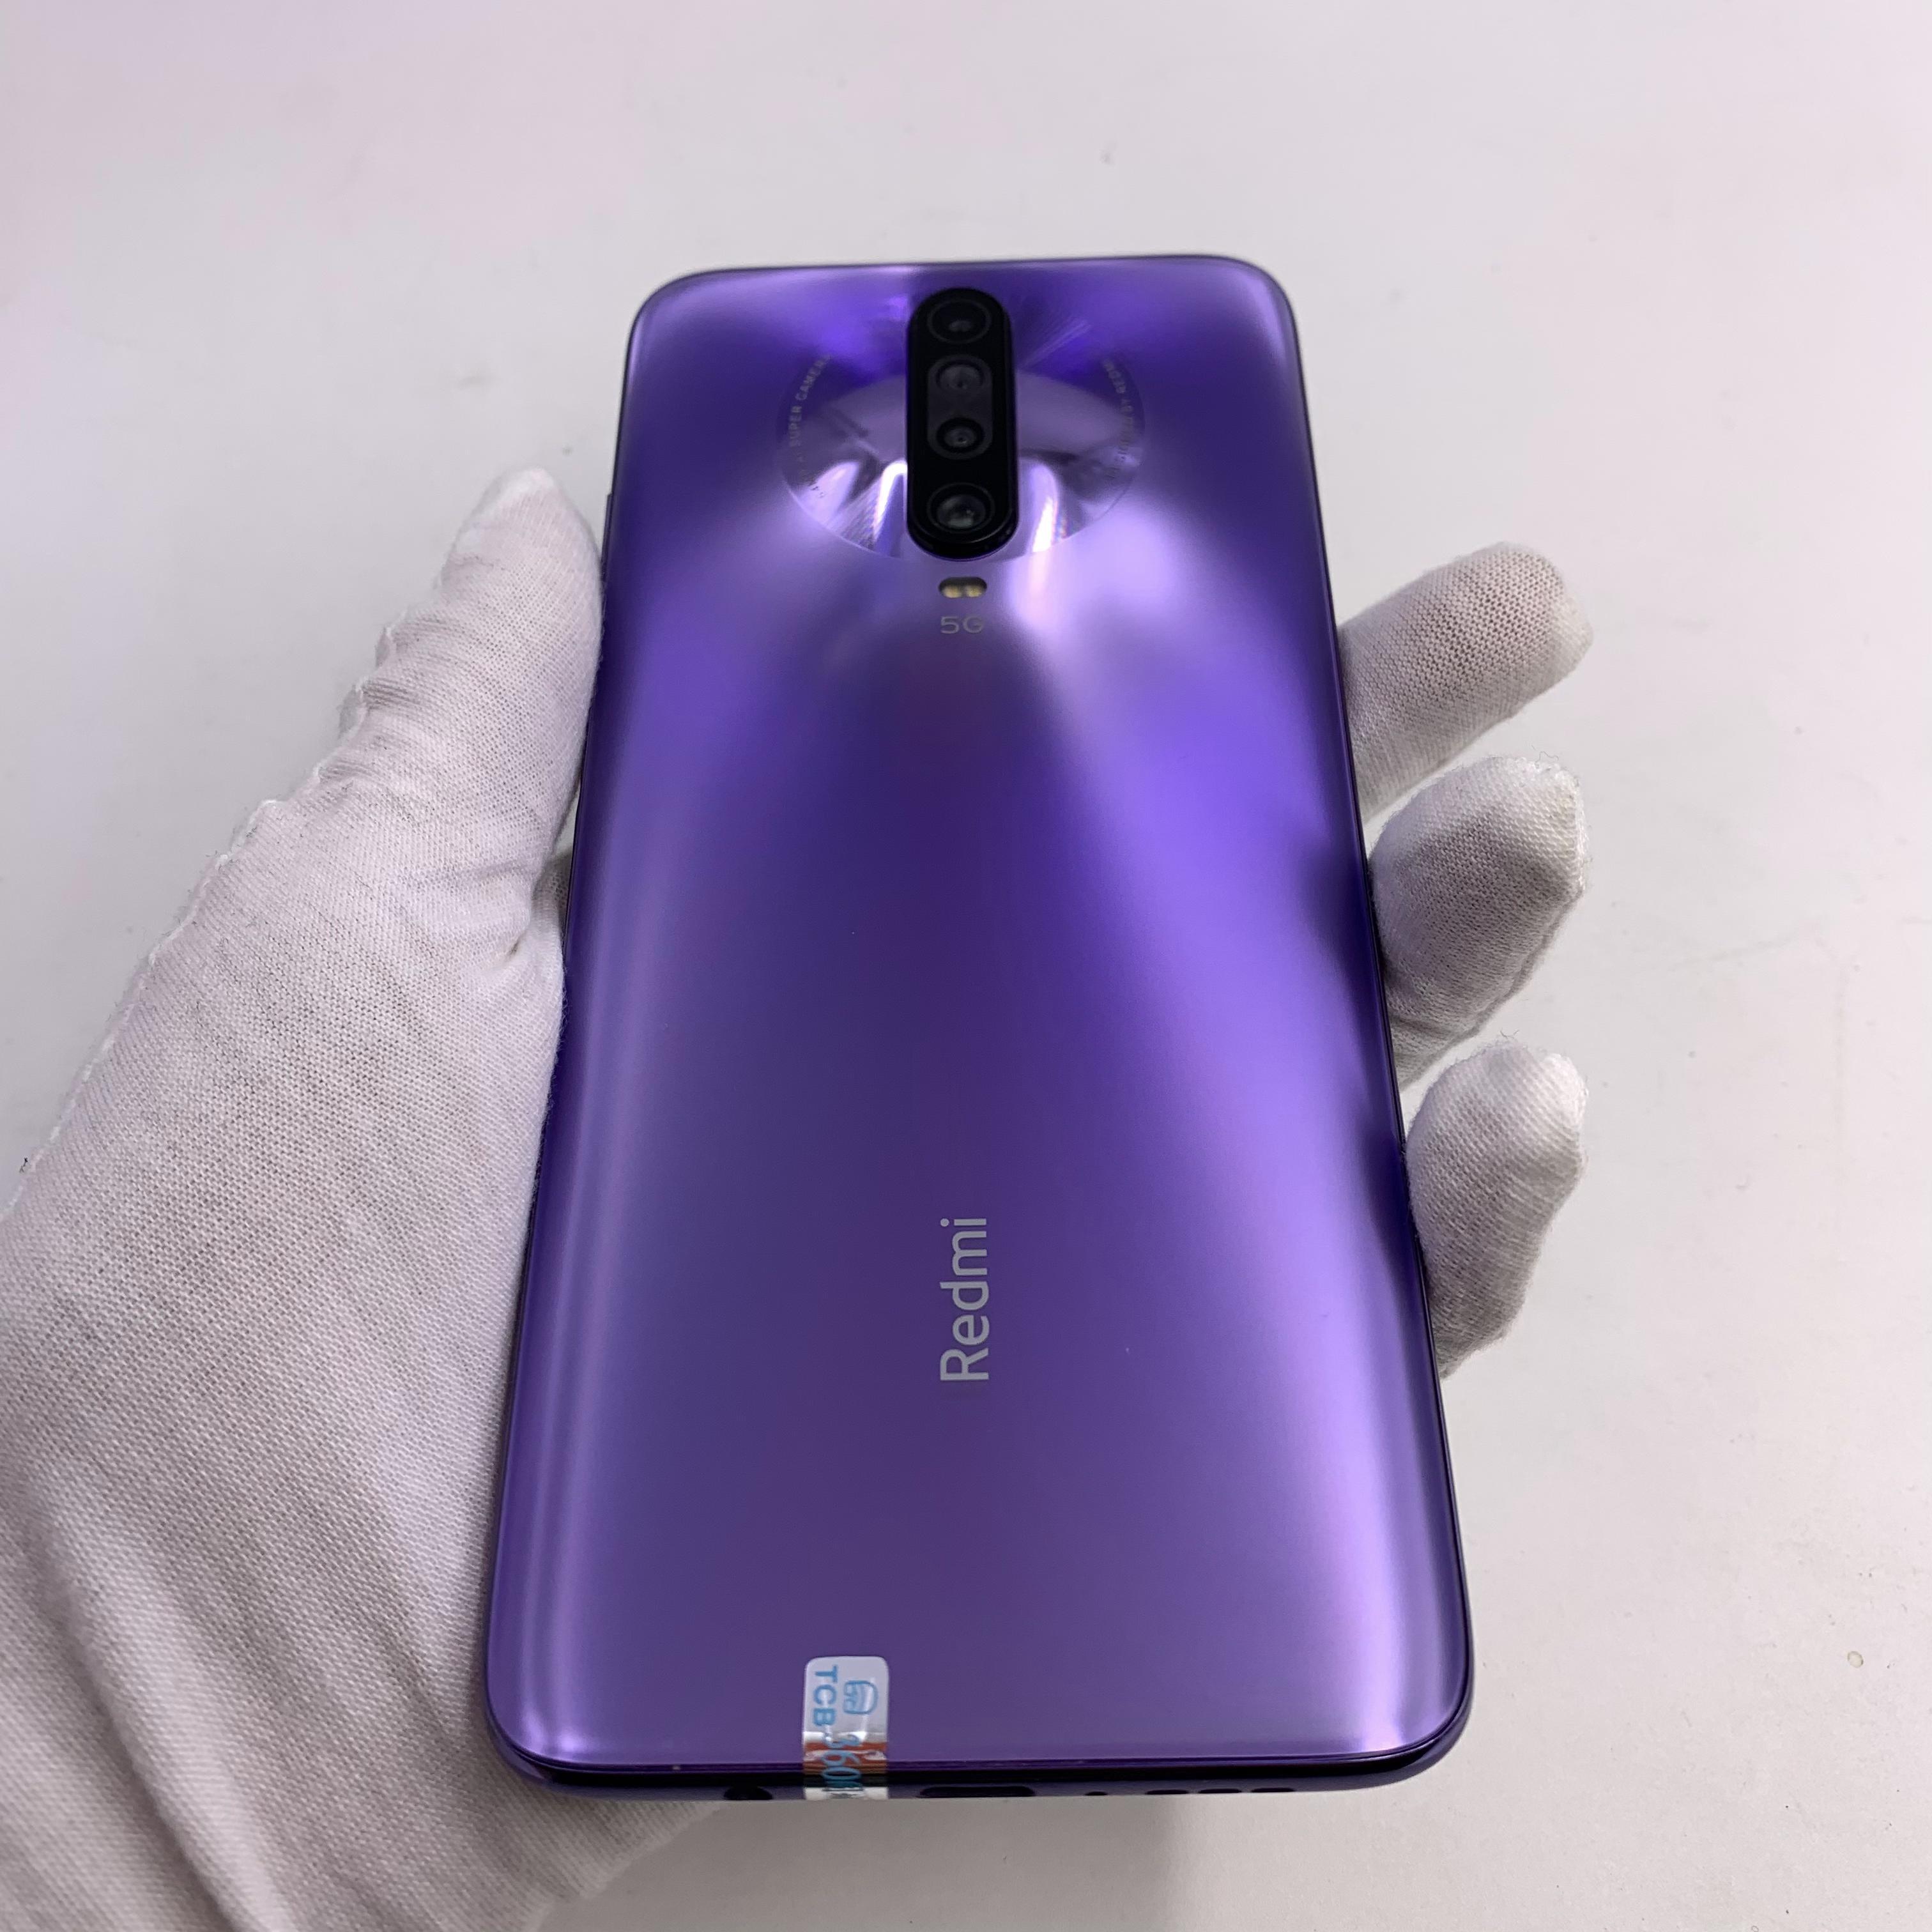 小米【Redmi K30 4G】4G全网通 紫玉幻境 8G/128G 国行 95新